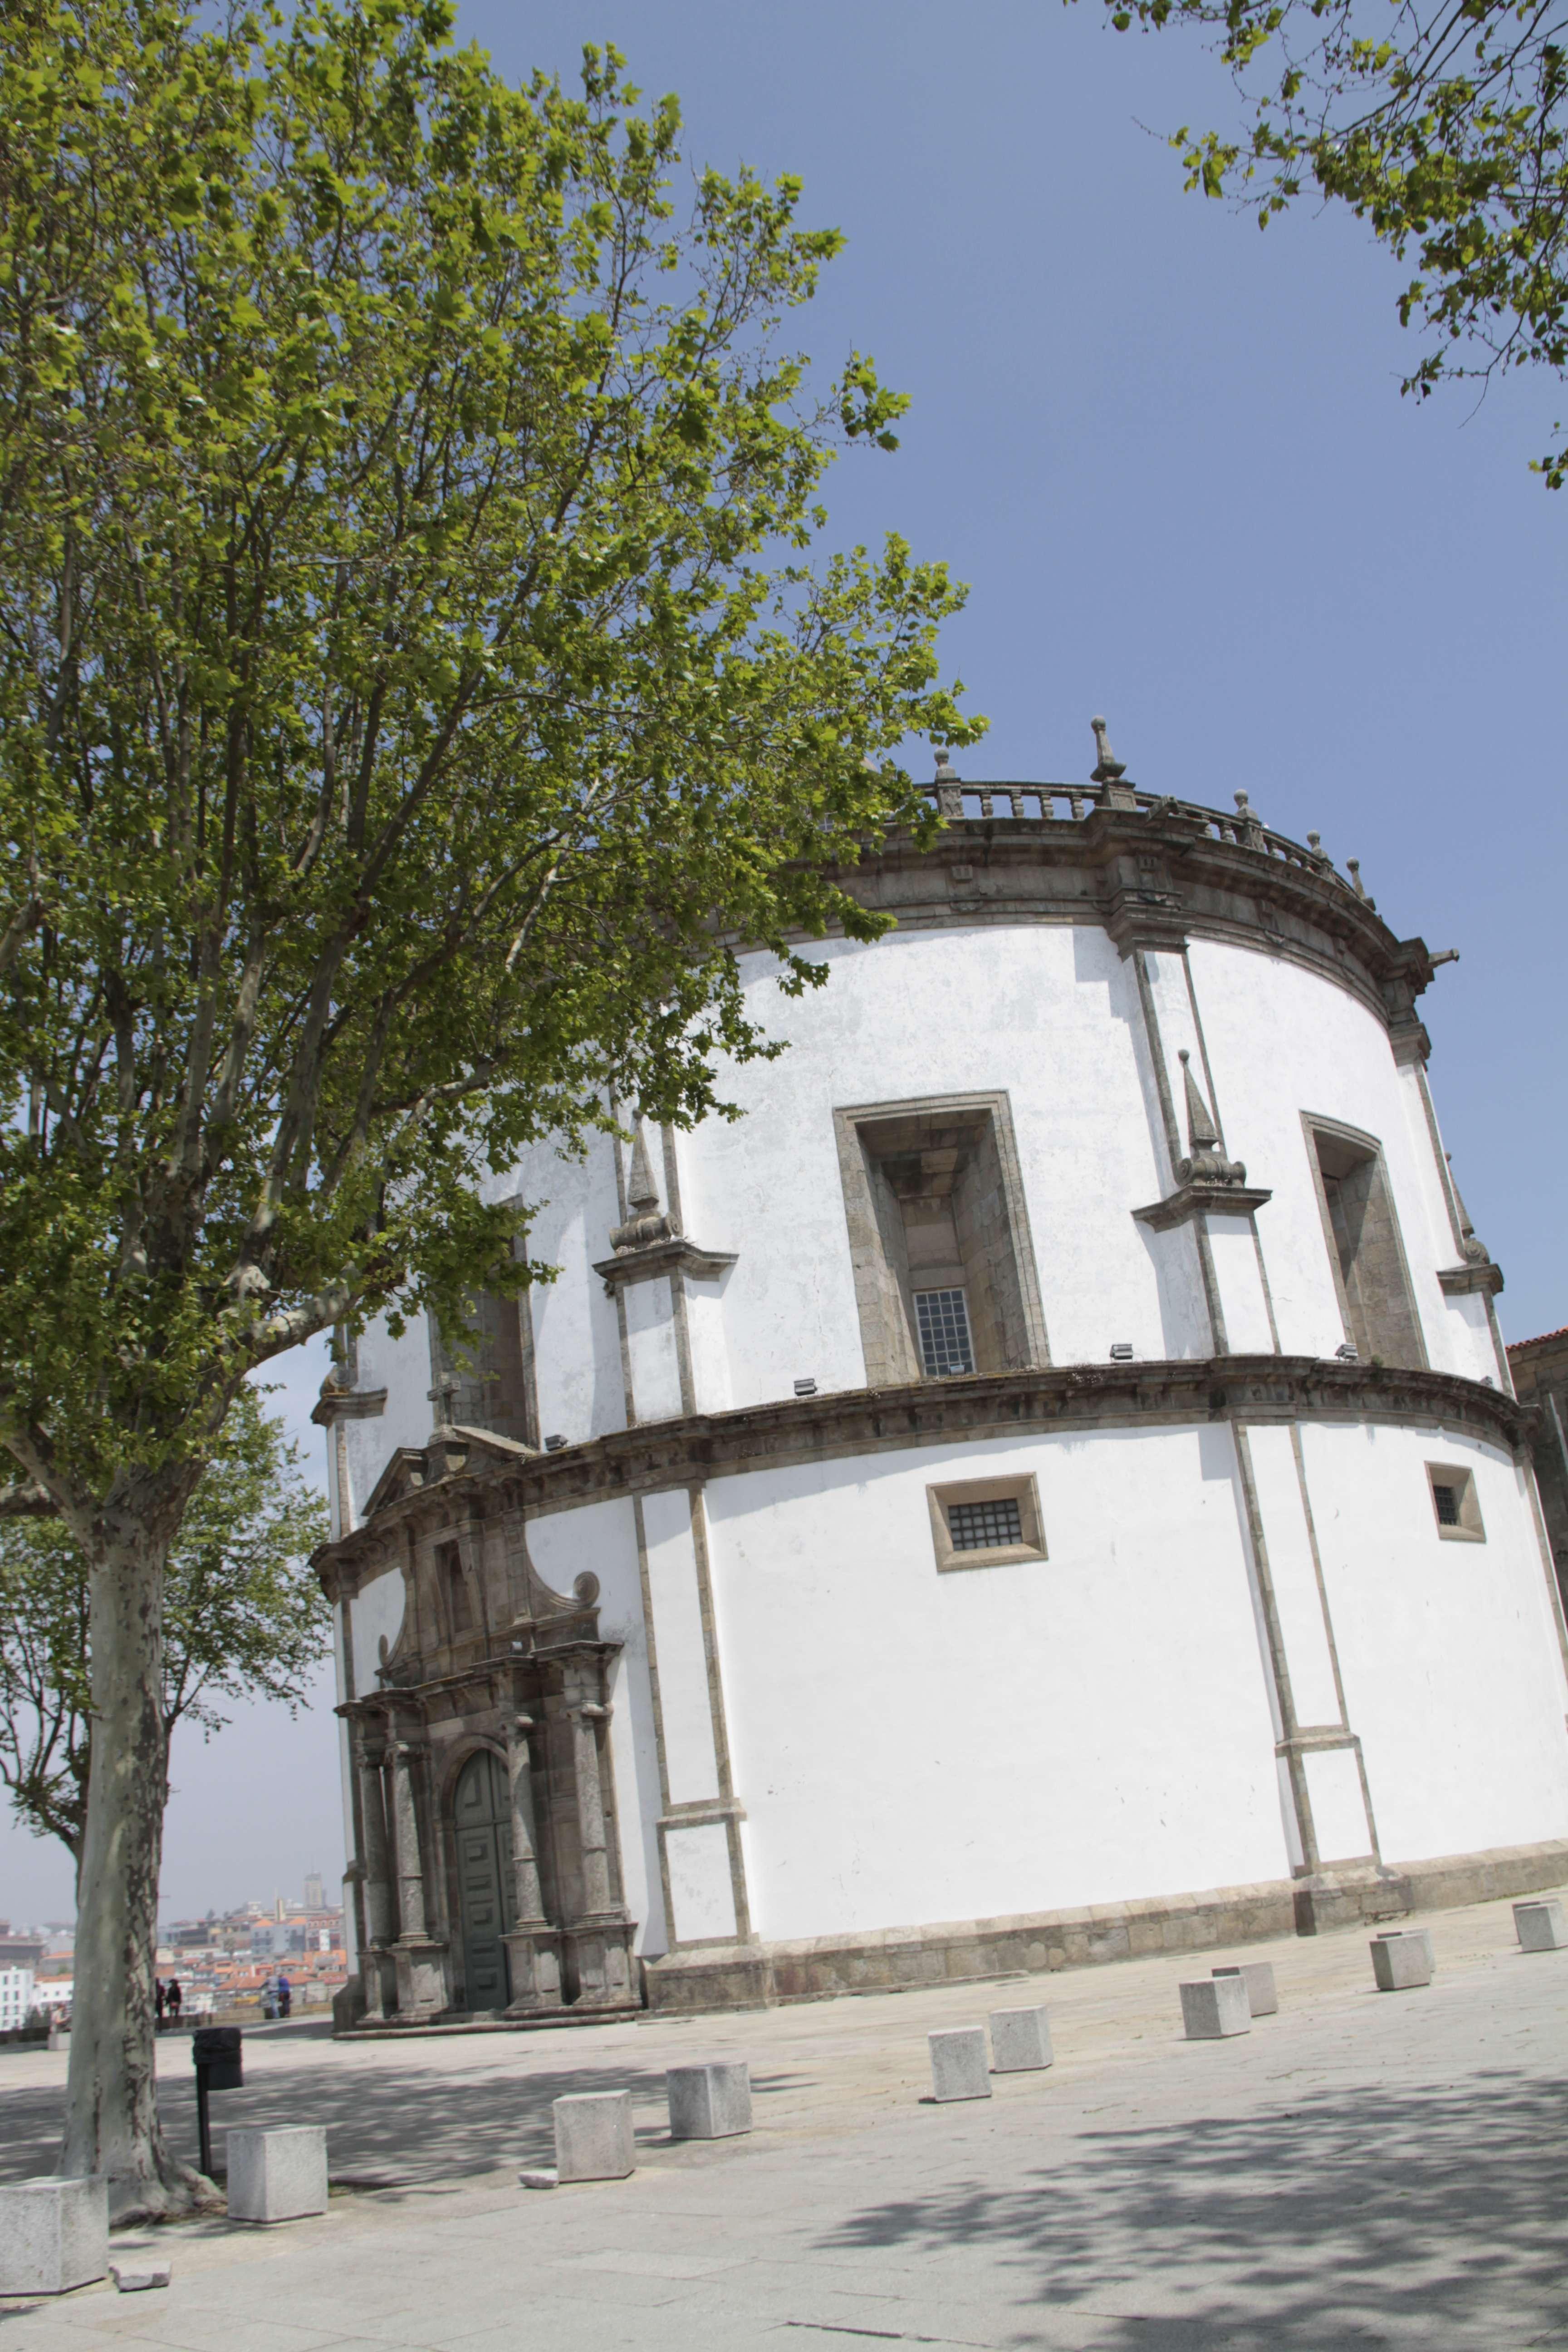 Portugal mai 2018_0130 Porto Villa Nova de Gaia Monastere de Serra do Pilar